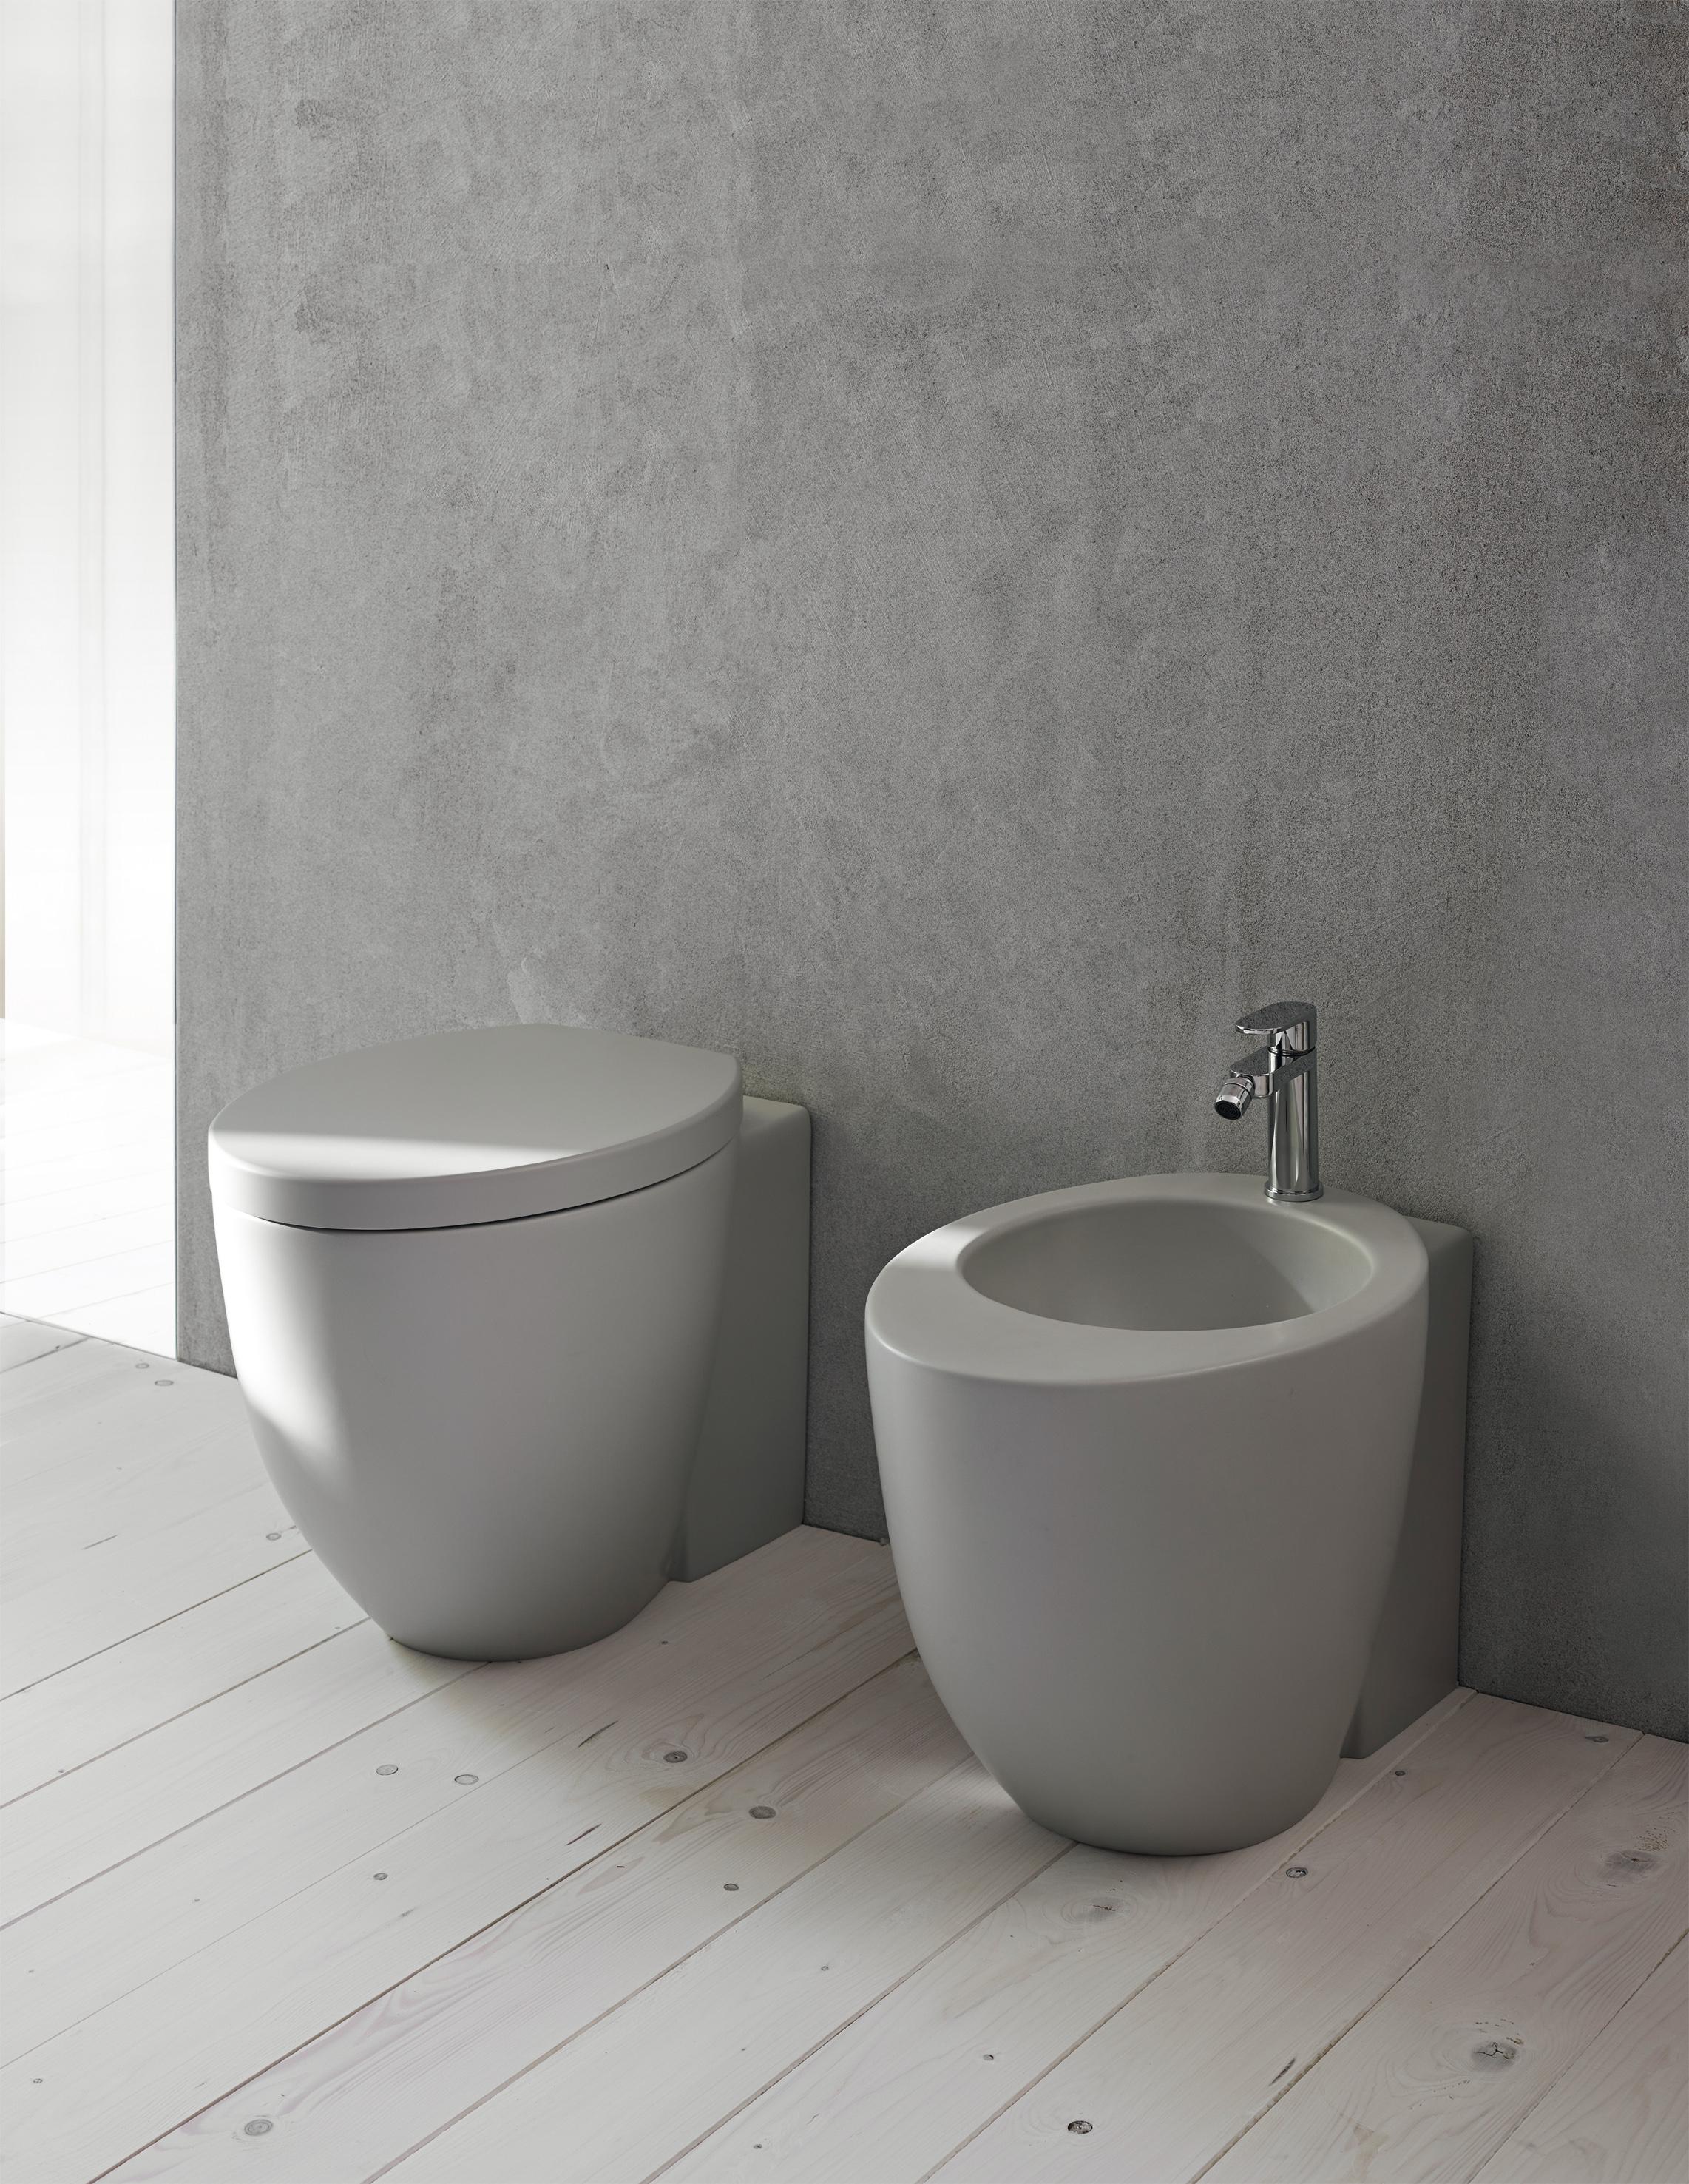 Piastrelle Arancioni Per Bagno bagno: nero e grigio per i sanitari.